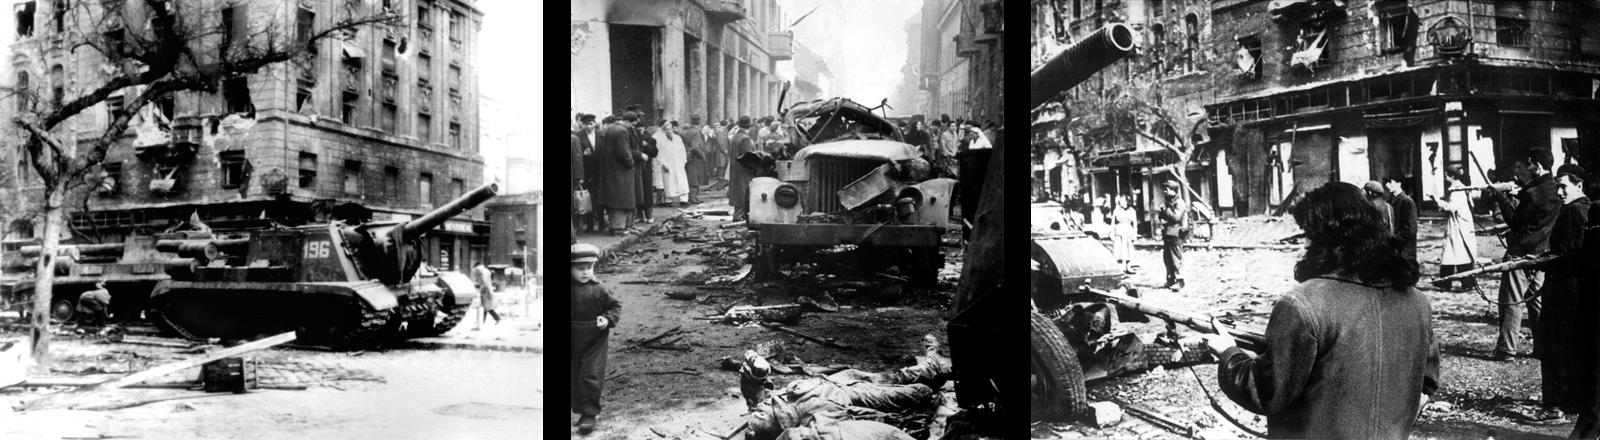 Panzer in den Straßen, Tote, zerstörte Häuser